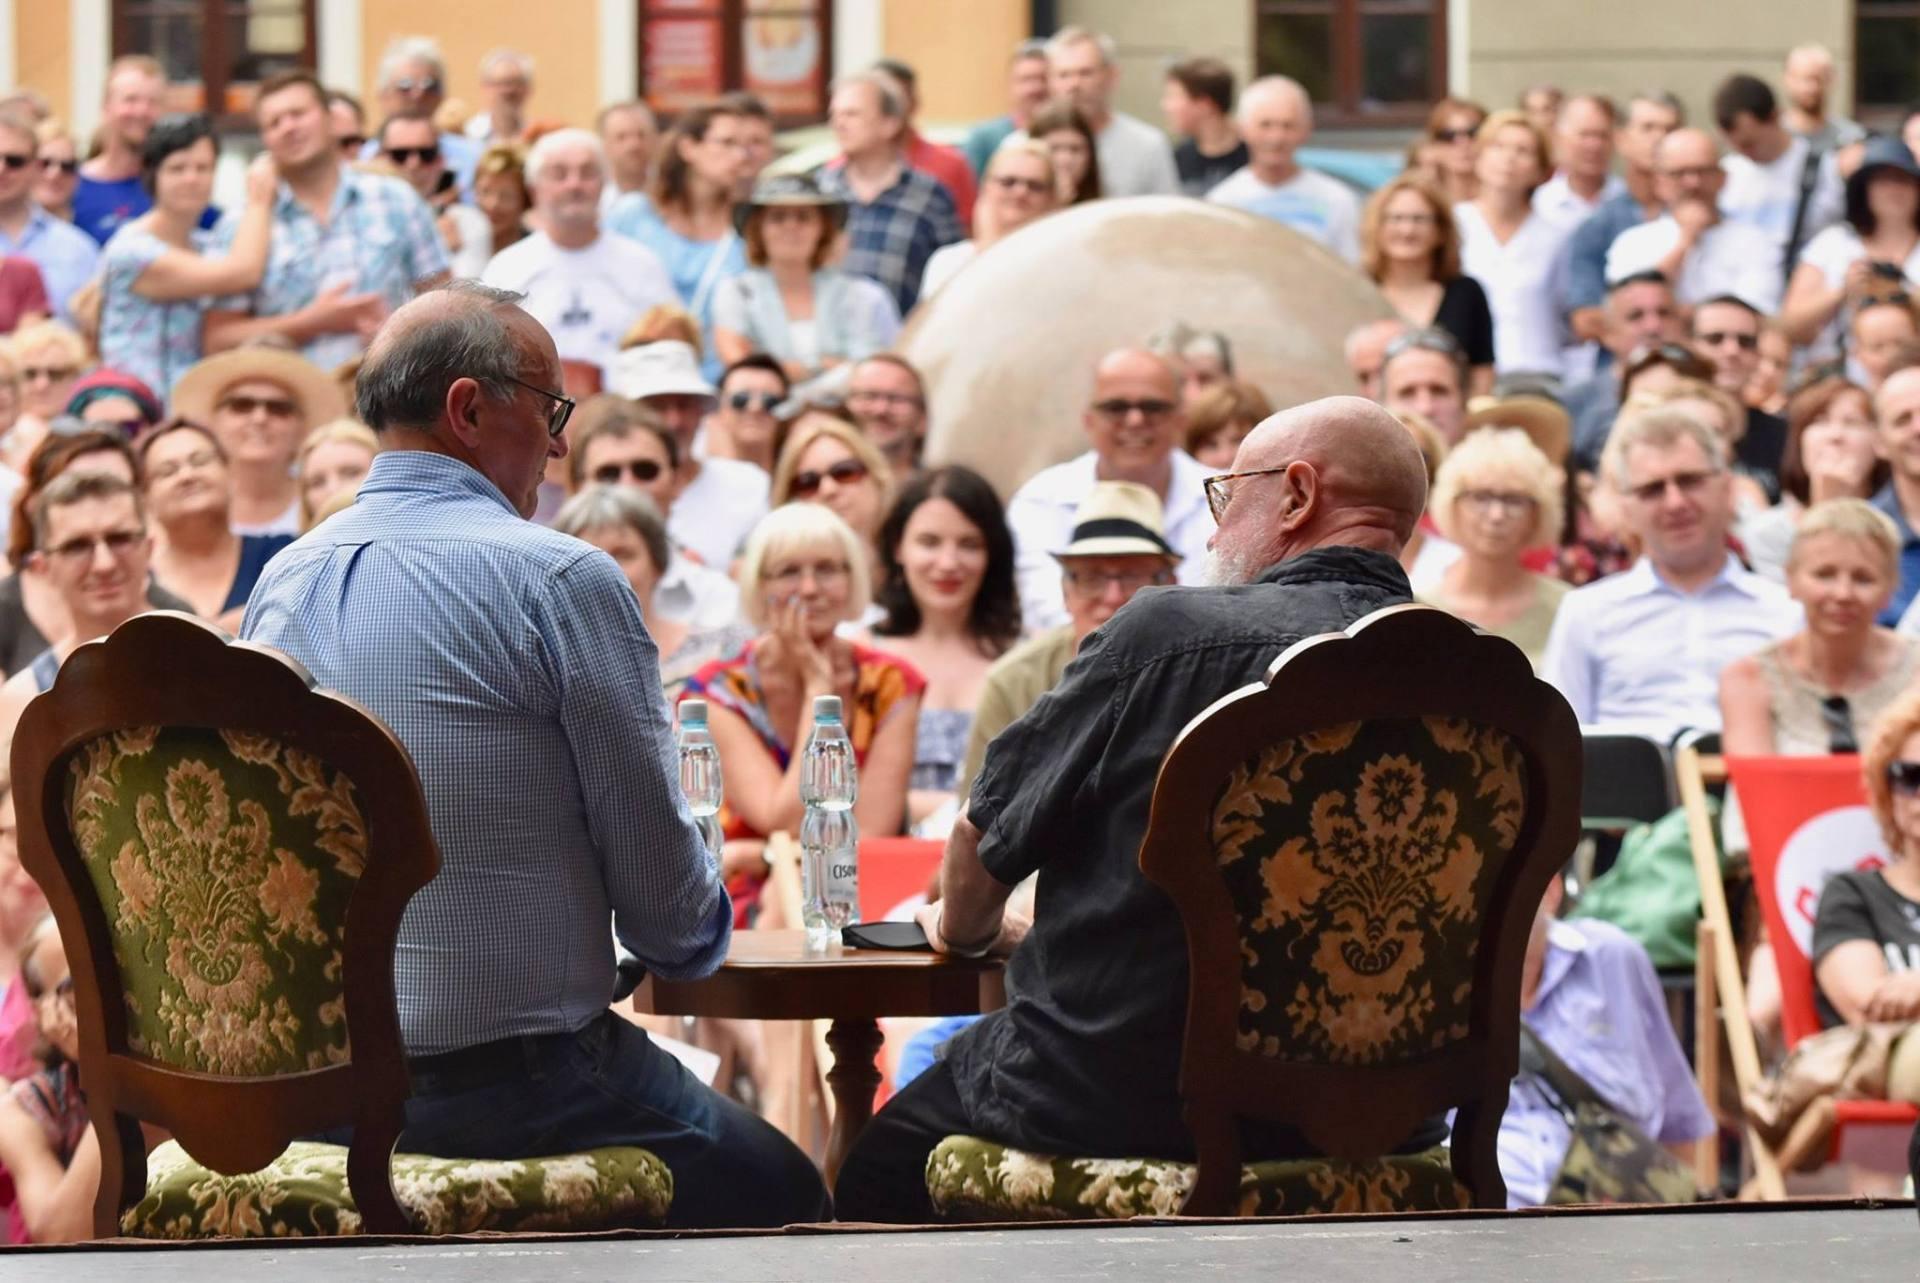 20645125 1968901833379944 7839629383357934798 o Festiwal Stolica Języka Polskiego. Literackie Święto rozpocznie się w Zamościu. Co zaplanowano?